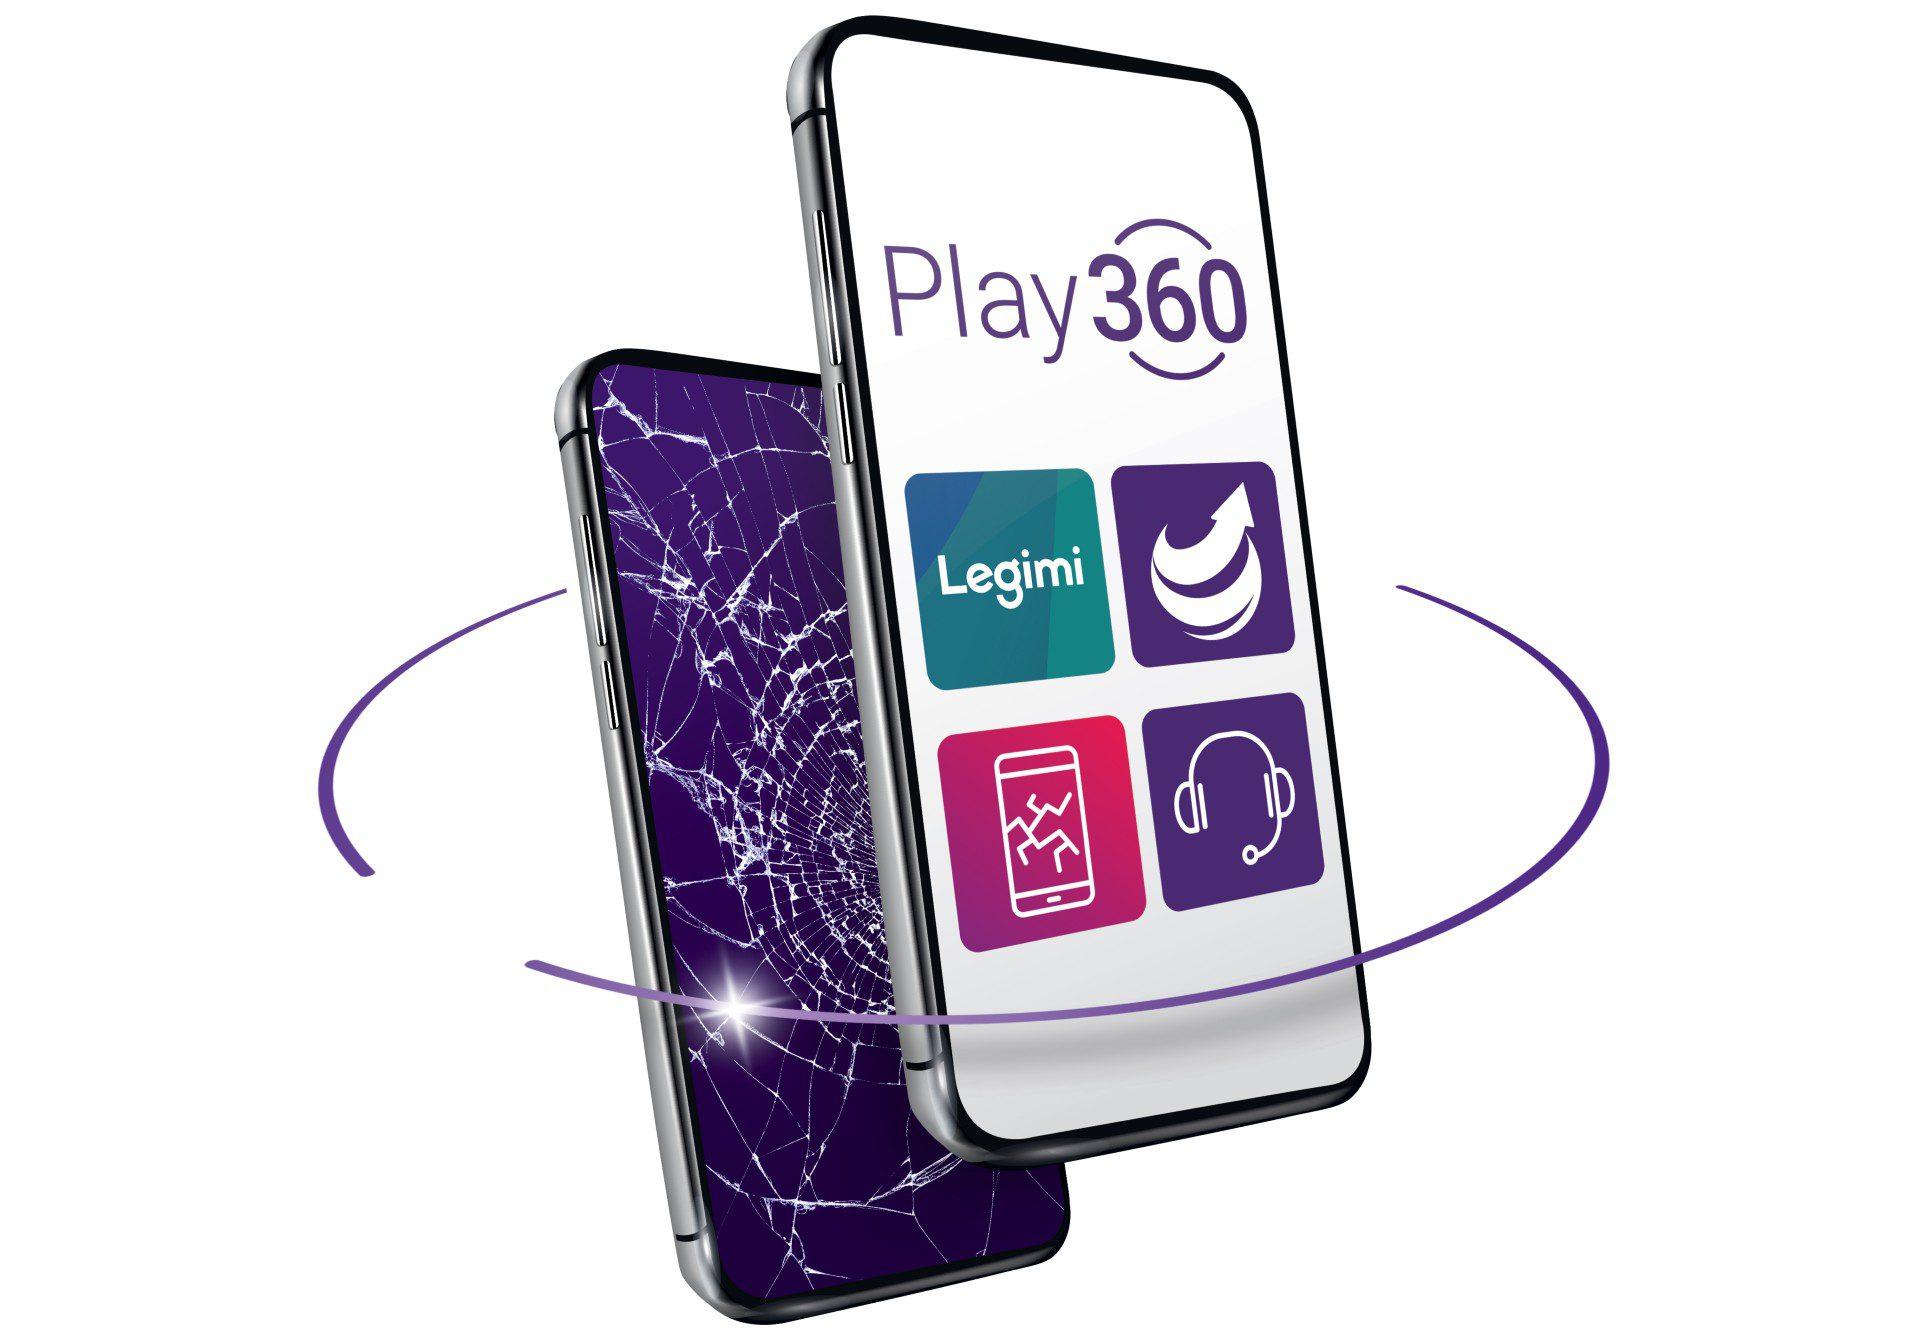 Nowa generacja Play360